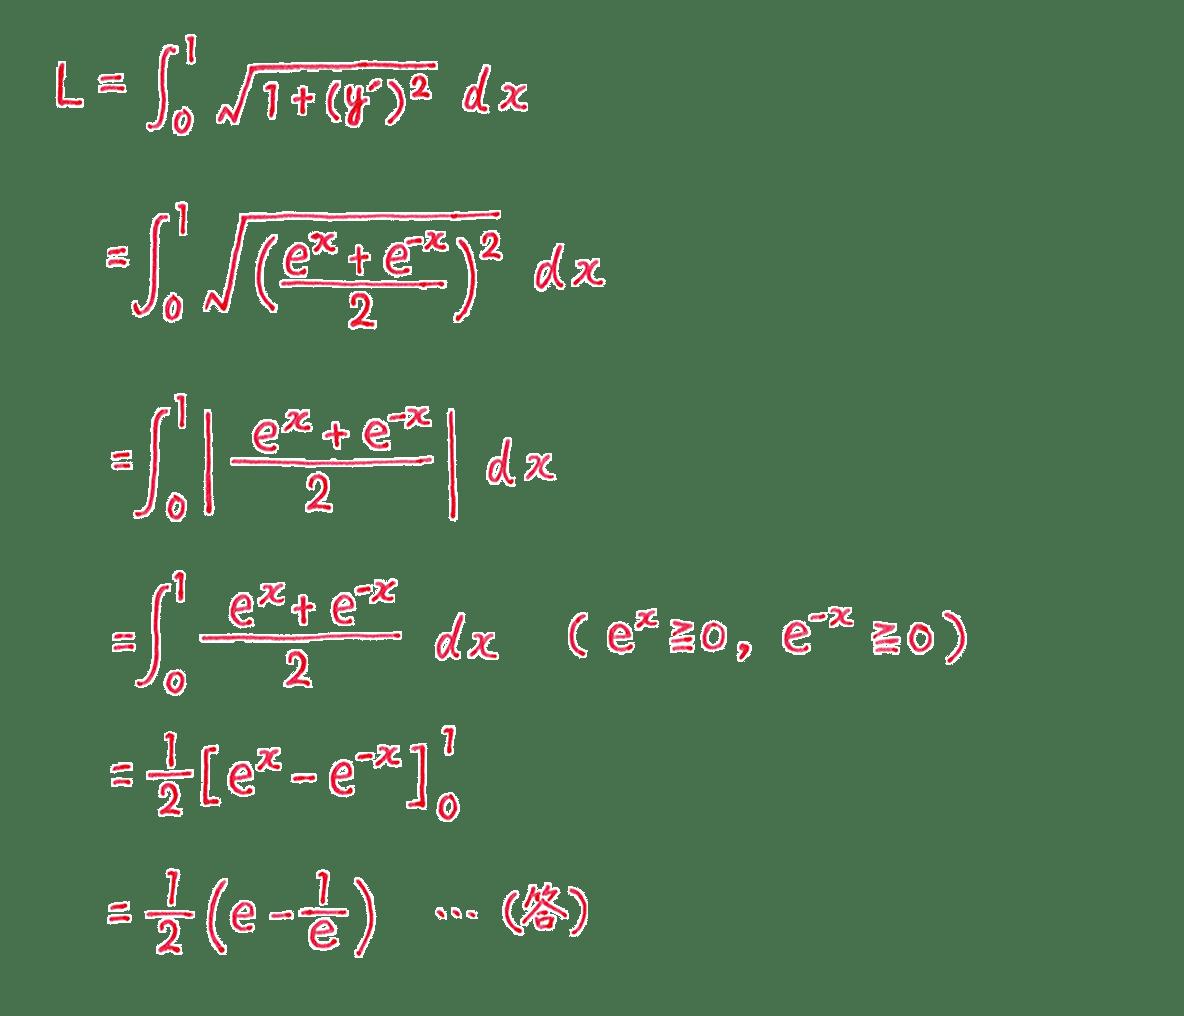 積分法とその応用46 問題2 答え